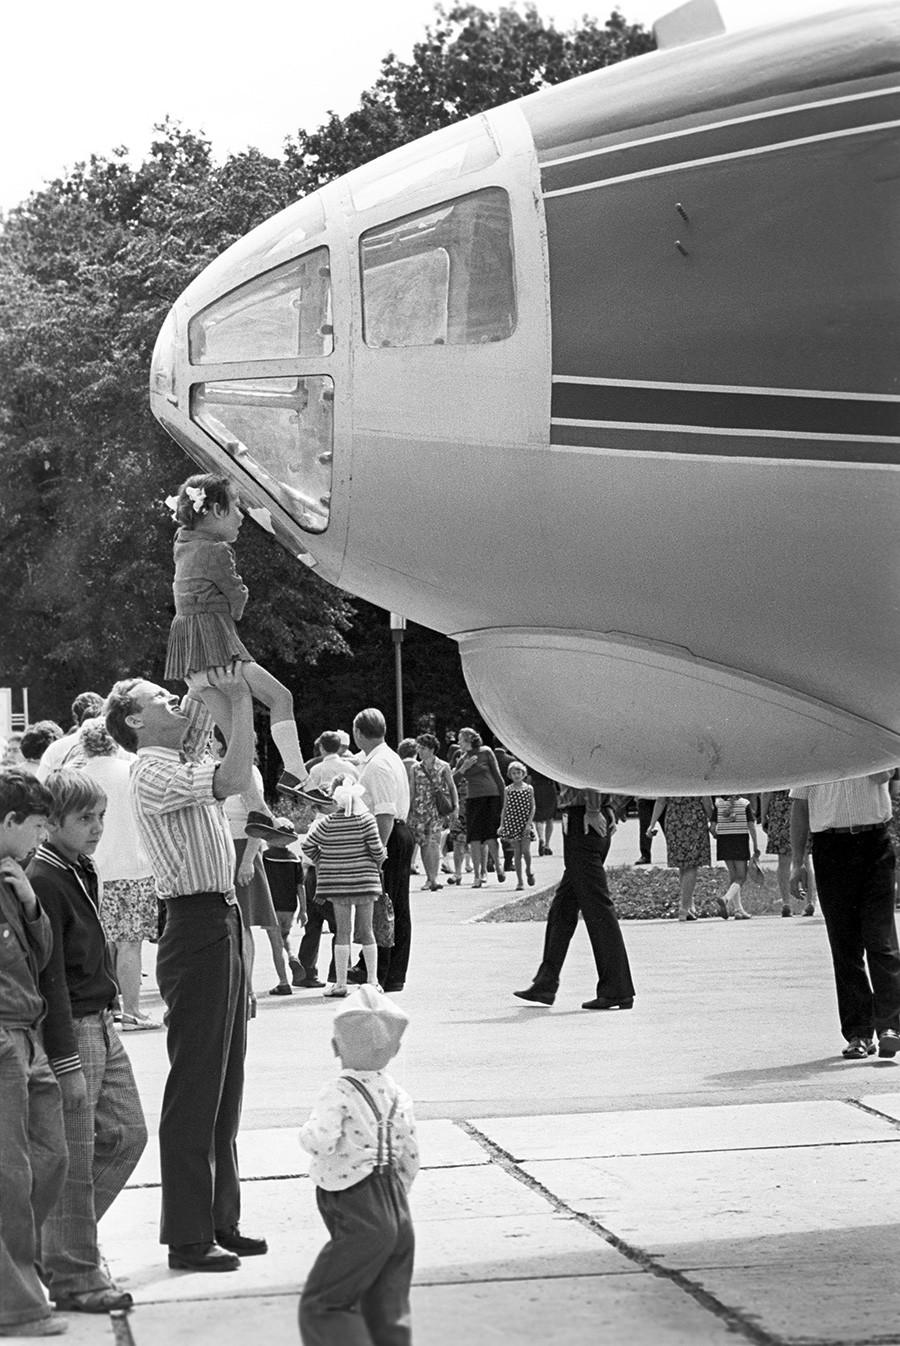 The Antoshka cinema plane, based on An-10, in Kuibyshev's park named after Yuri Gagarin (now Samara), 1977.